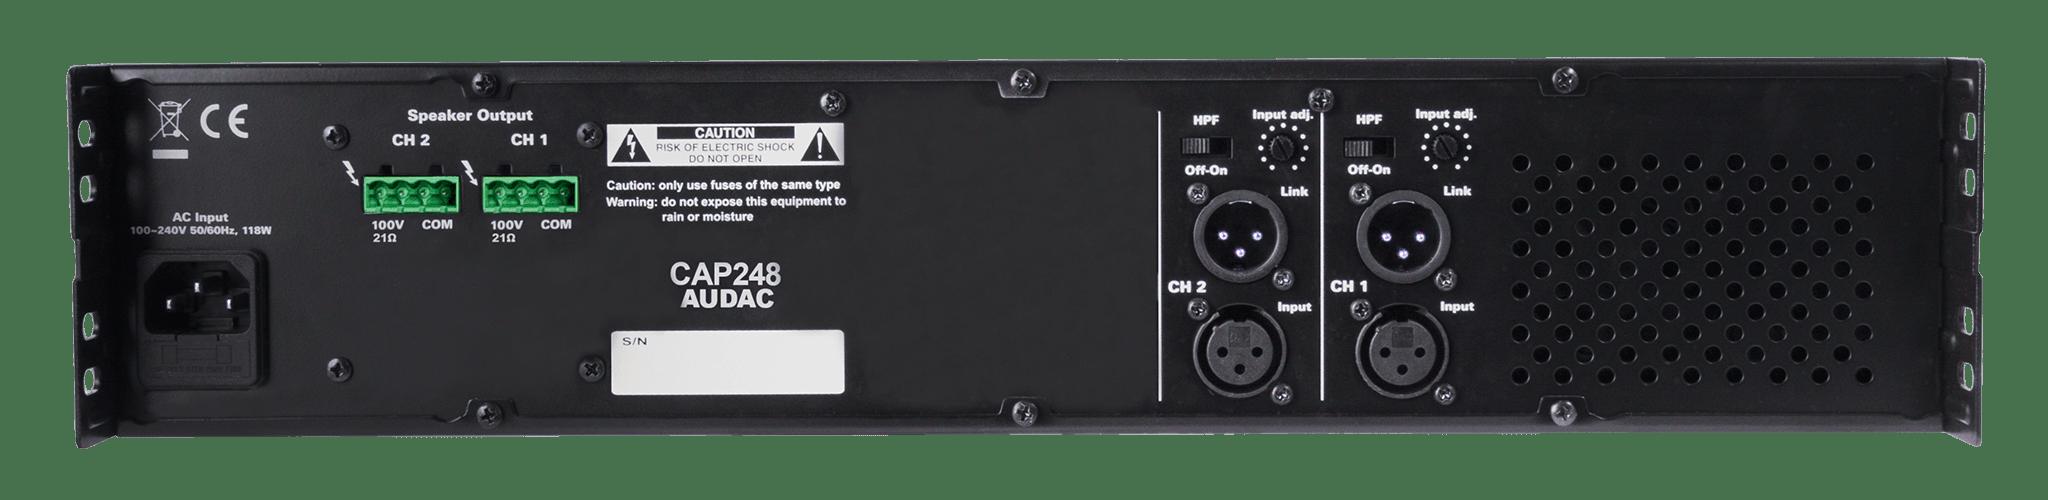 CAP248 - Dual-channel power amplifier 2 x 480W 100V